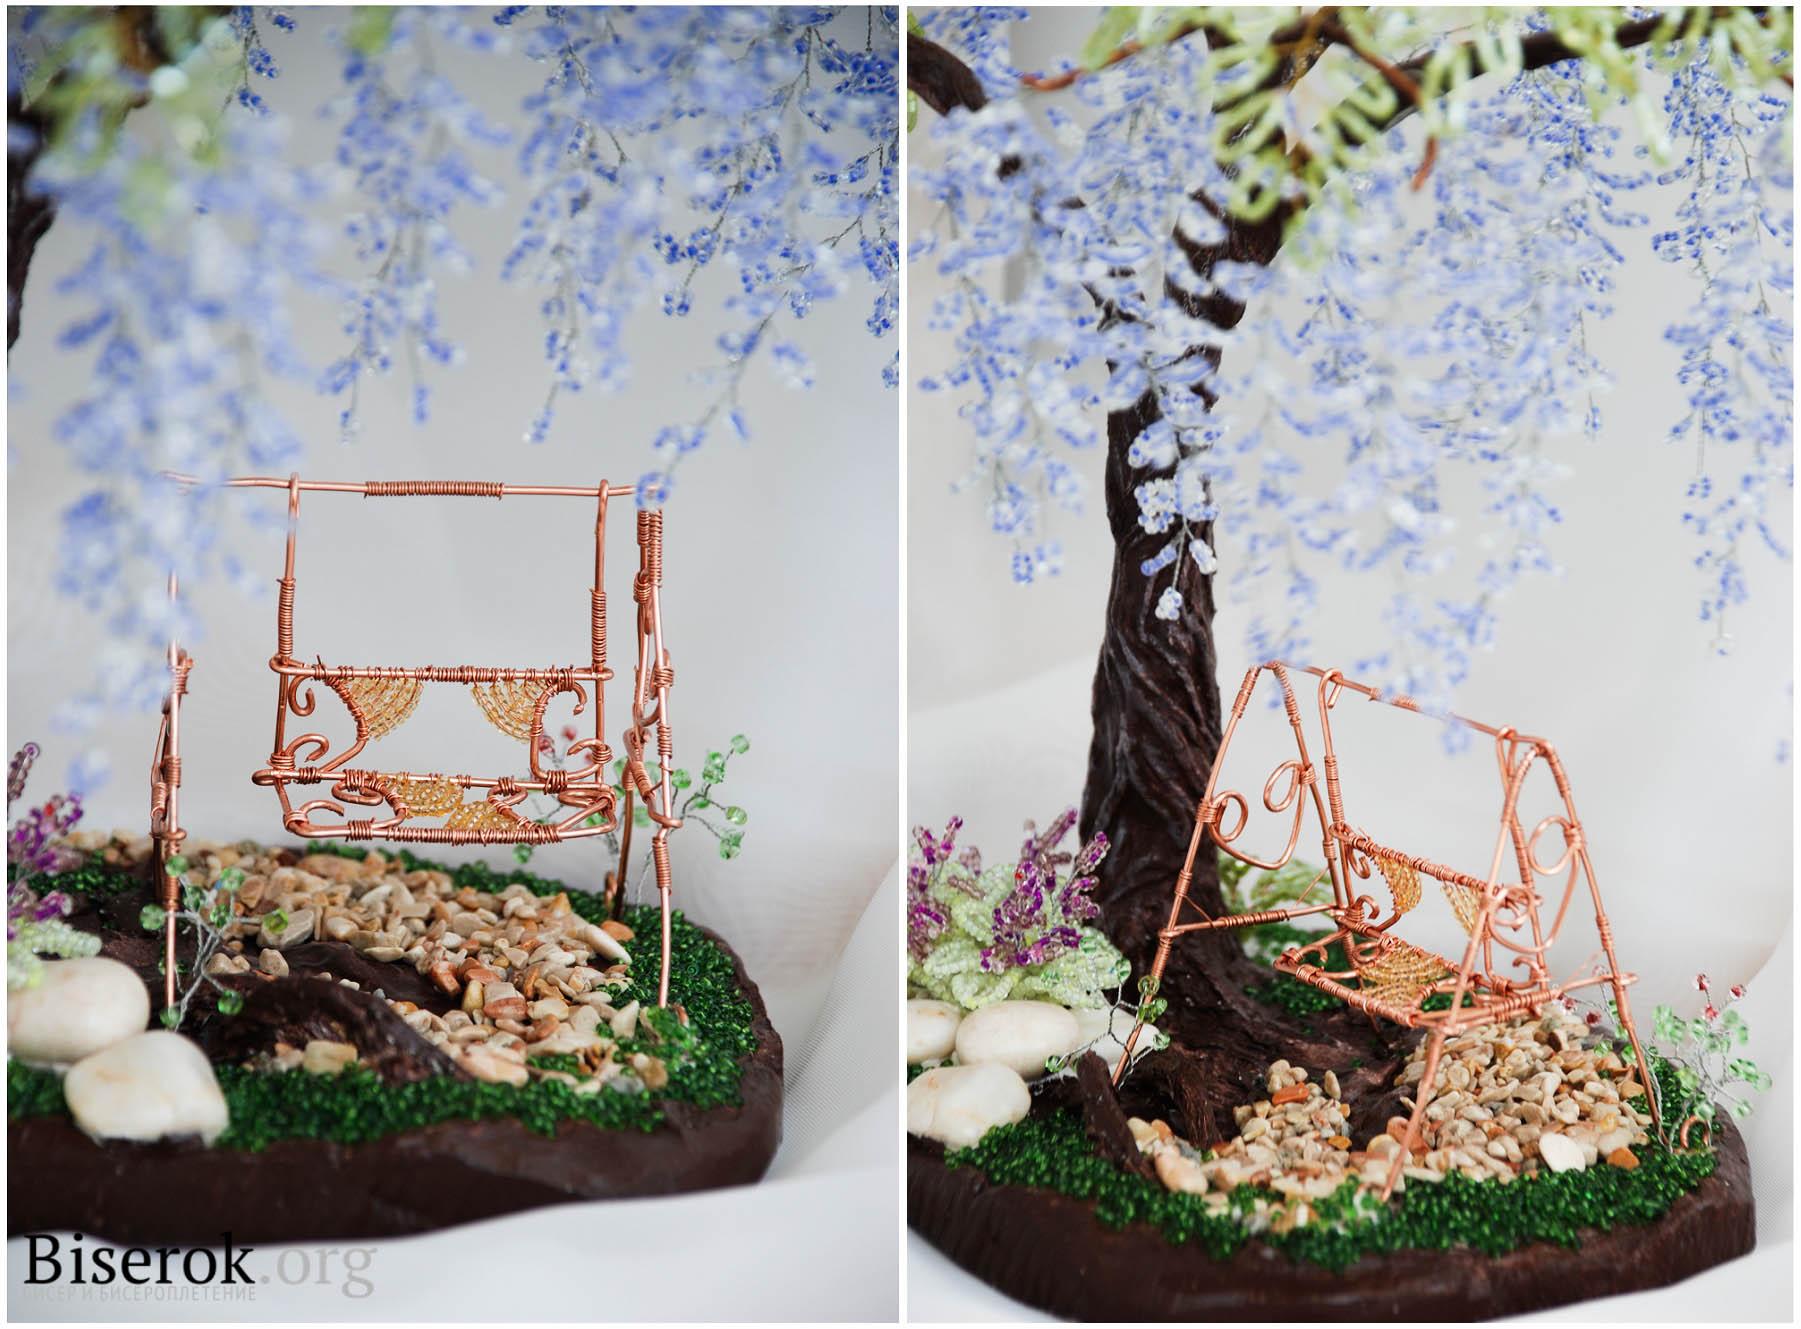 Как сделать скамейку для бисерного дерева